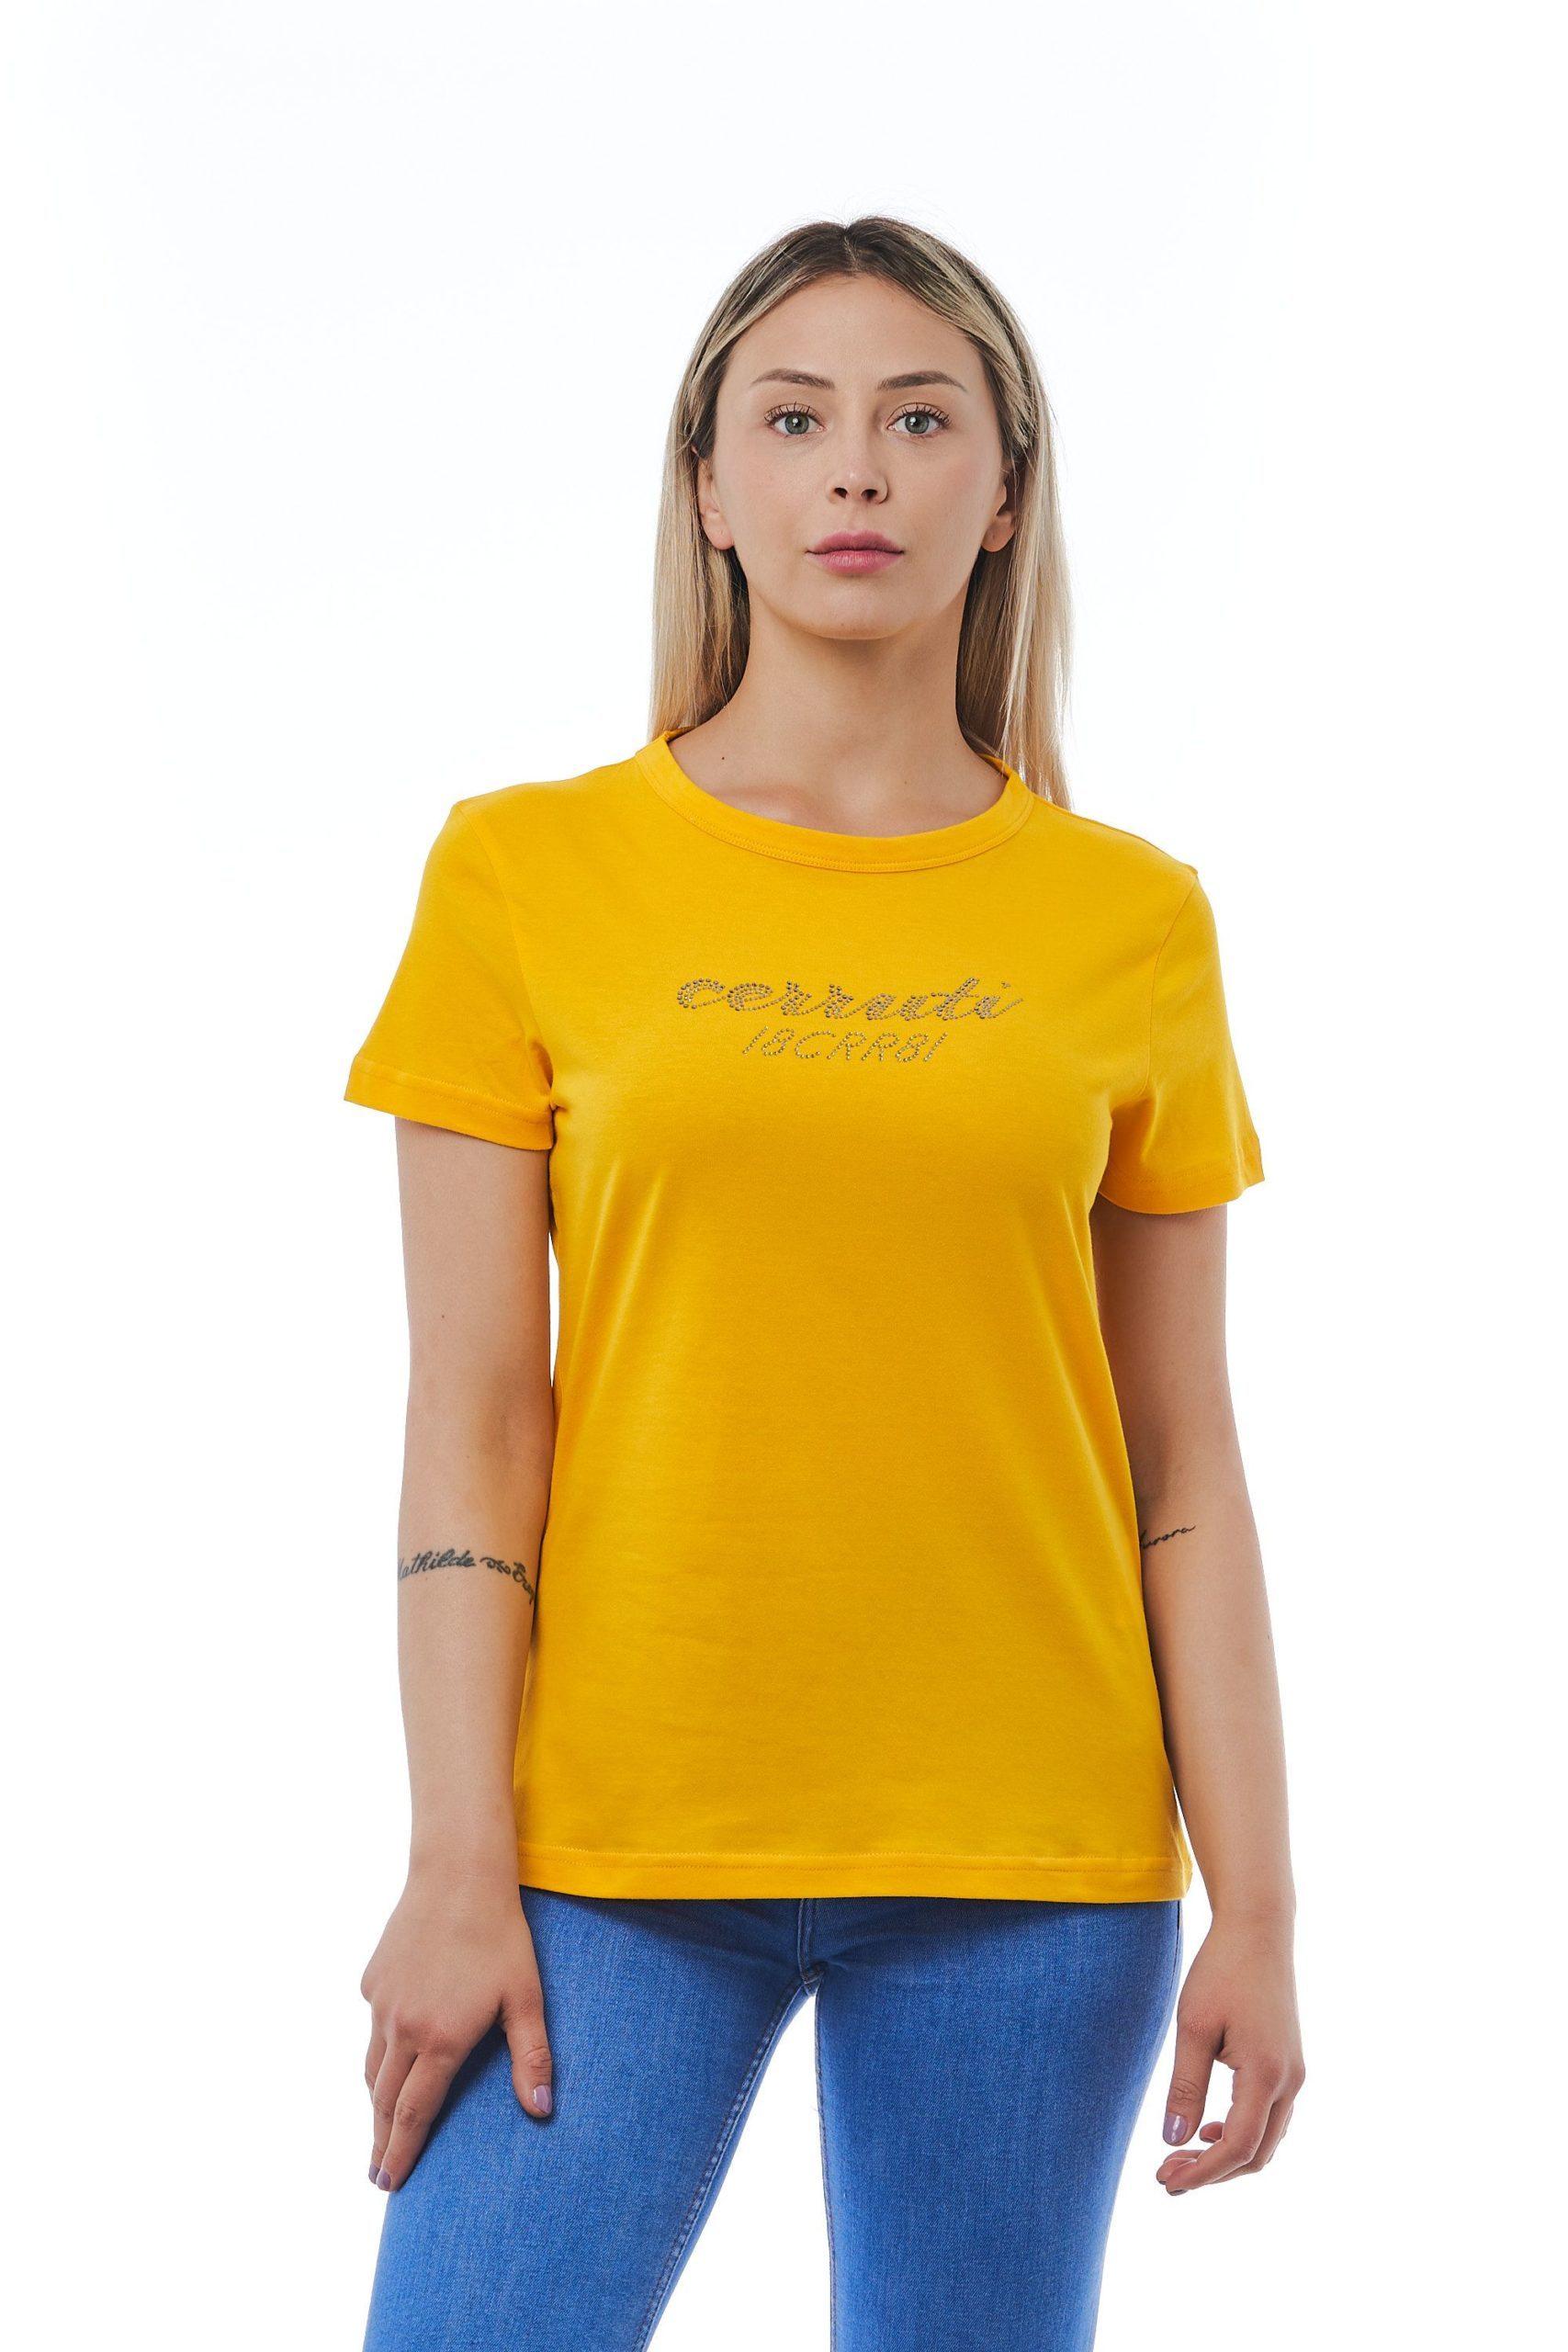 Cerruti 1881 Women's Giallo T-Shirt Yellow CE1410218 - M